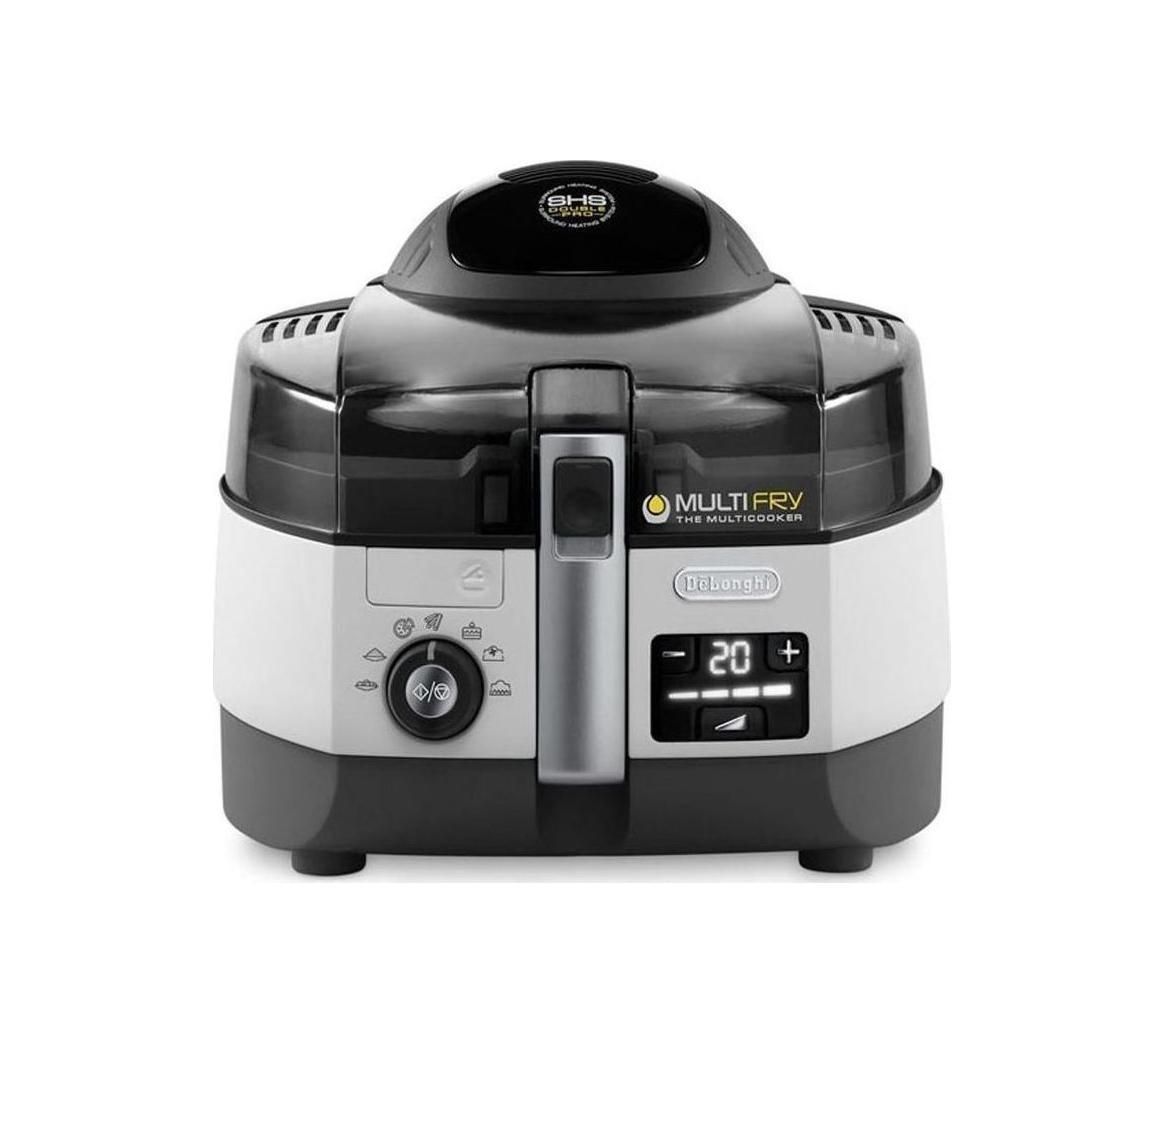 Delonghi FH-1394 Φριτέζα / Πολυμάγειρας